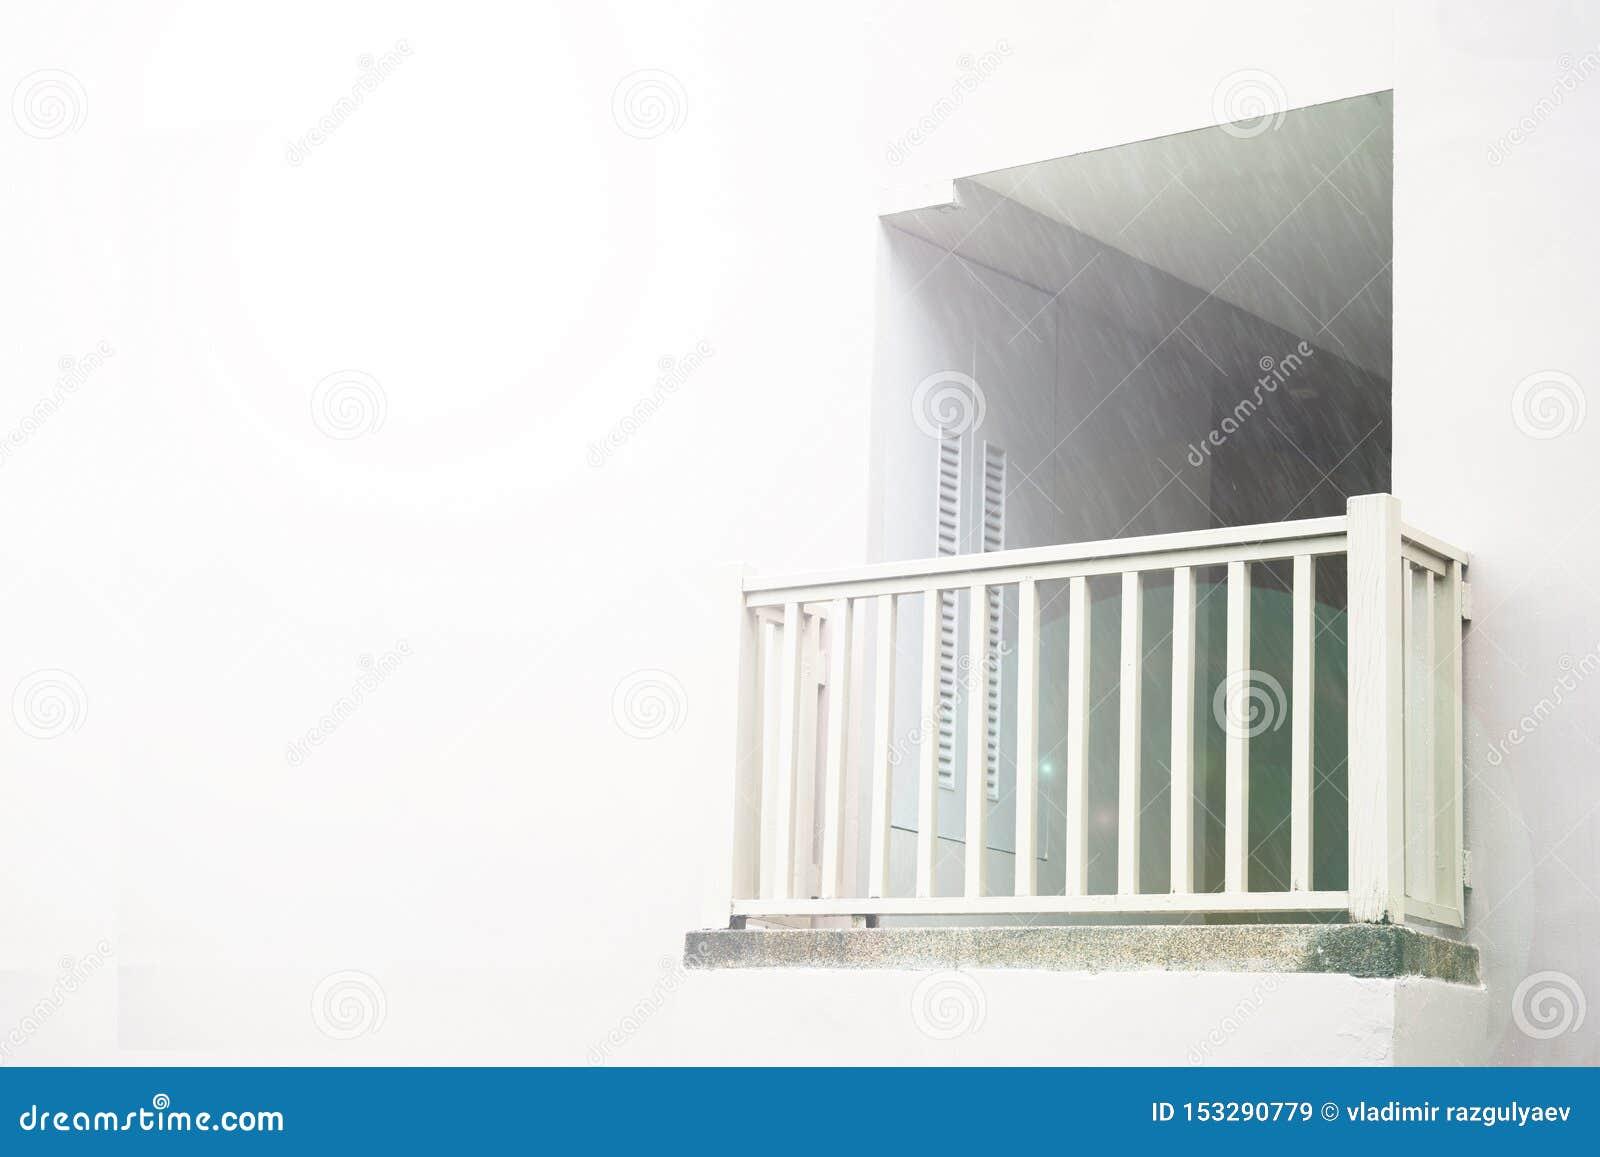 Белый балкон, божественное сияние, против белой стены, затопленной со светом место, который нужно связывать с богом или